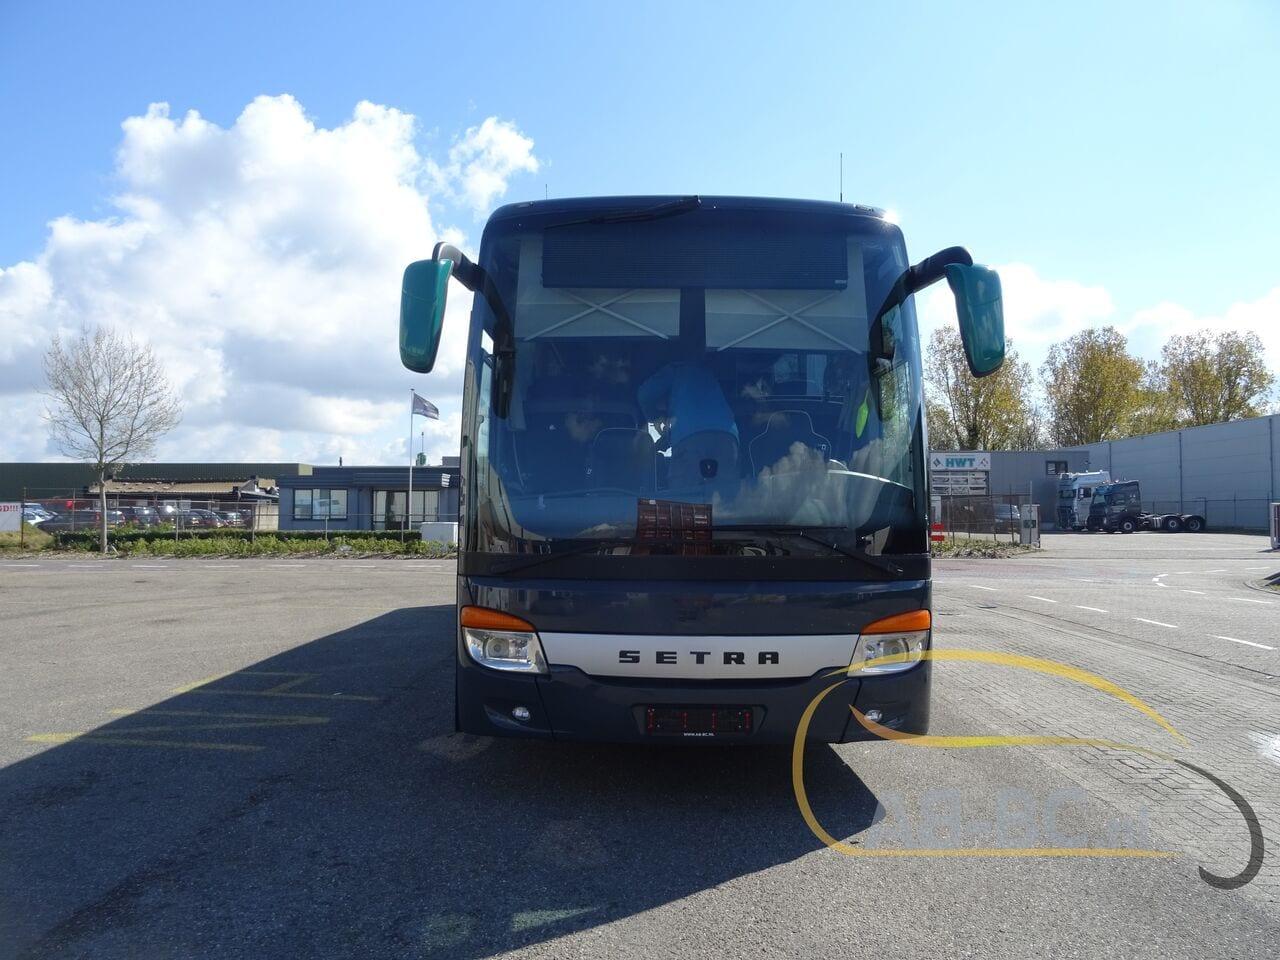 coach-busSETRA-S415-GT-HD-FINAL-EDITION-51-SEATS-LIFTBUS---1620381830306045032_big_d03a3a4718dffbf8d6536f927aa90a9b--21050713010665719300